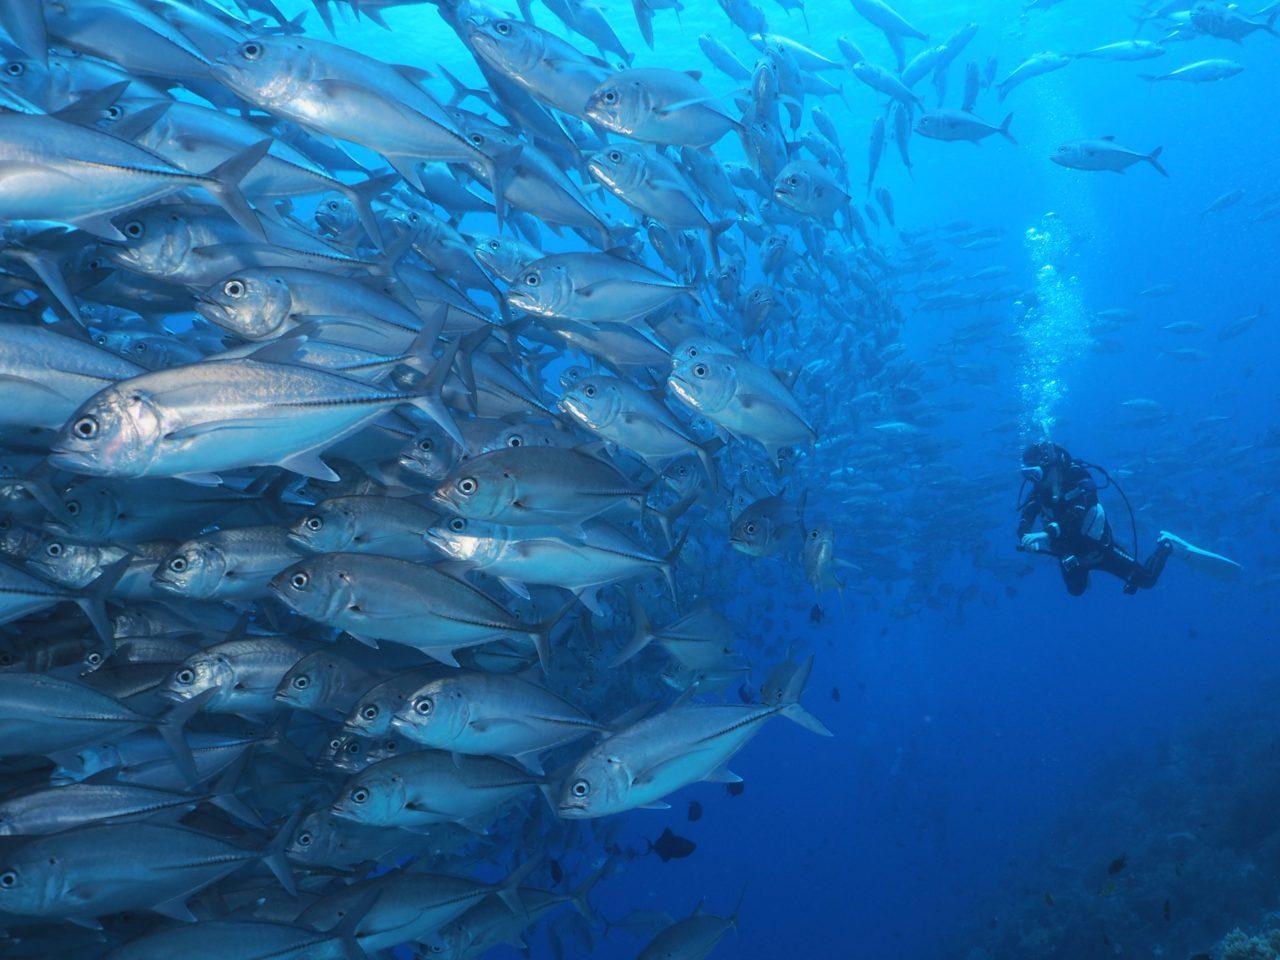 バリカサグ島のギンガメアジの壁を眺めるダイバー